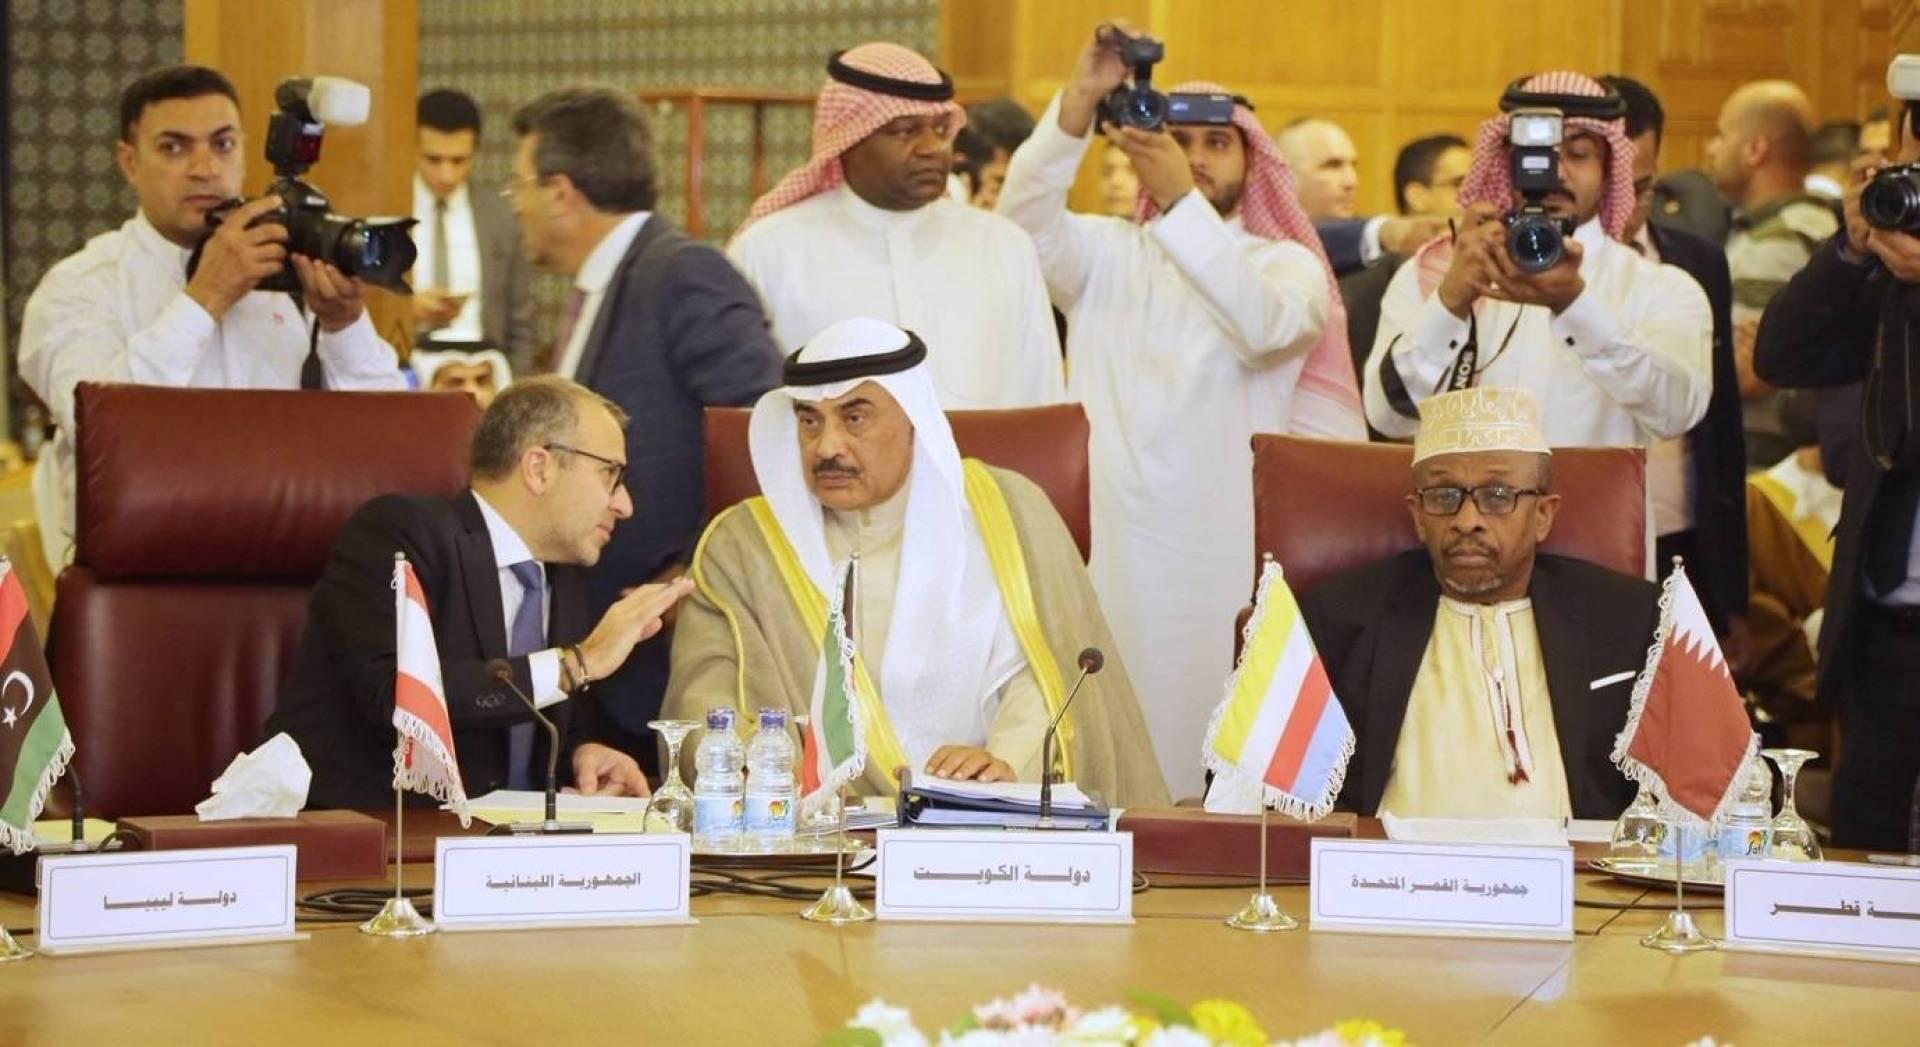 الشيخ صباح الخالد يترأس وفد الكويت في الاجتماع الوزاري العربي